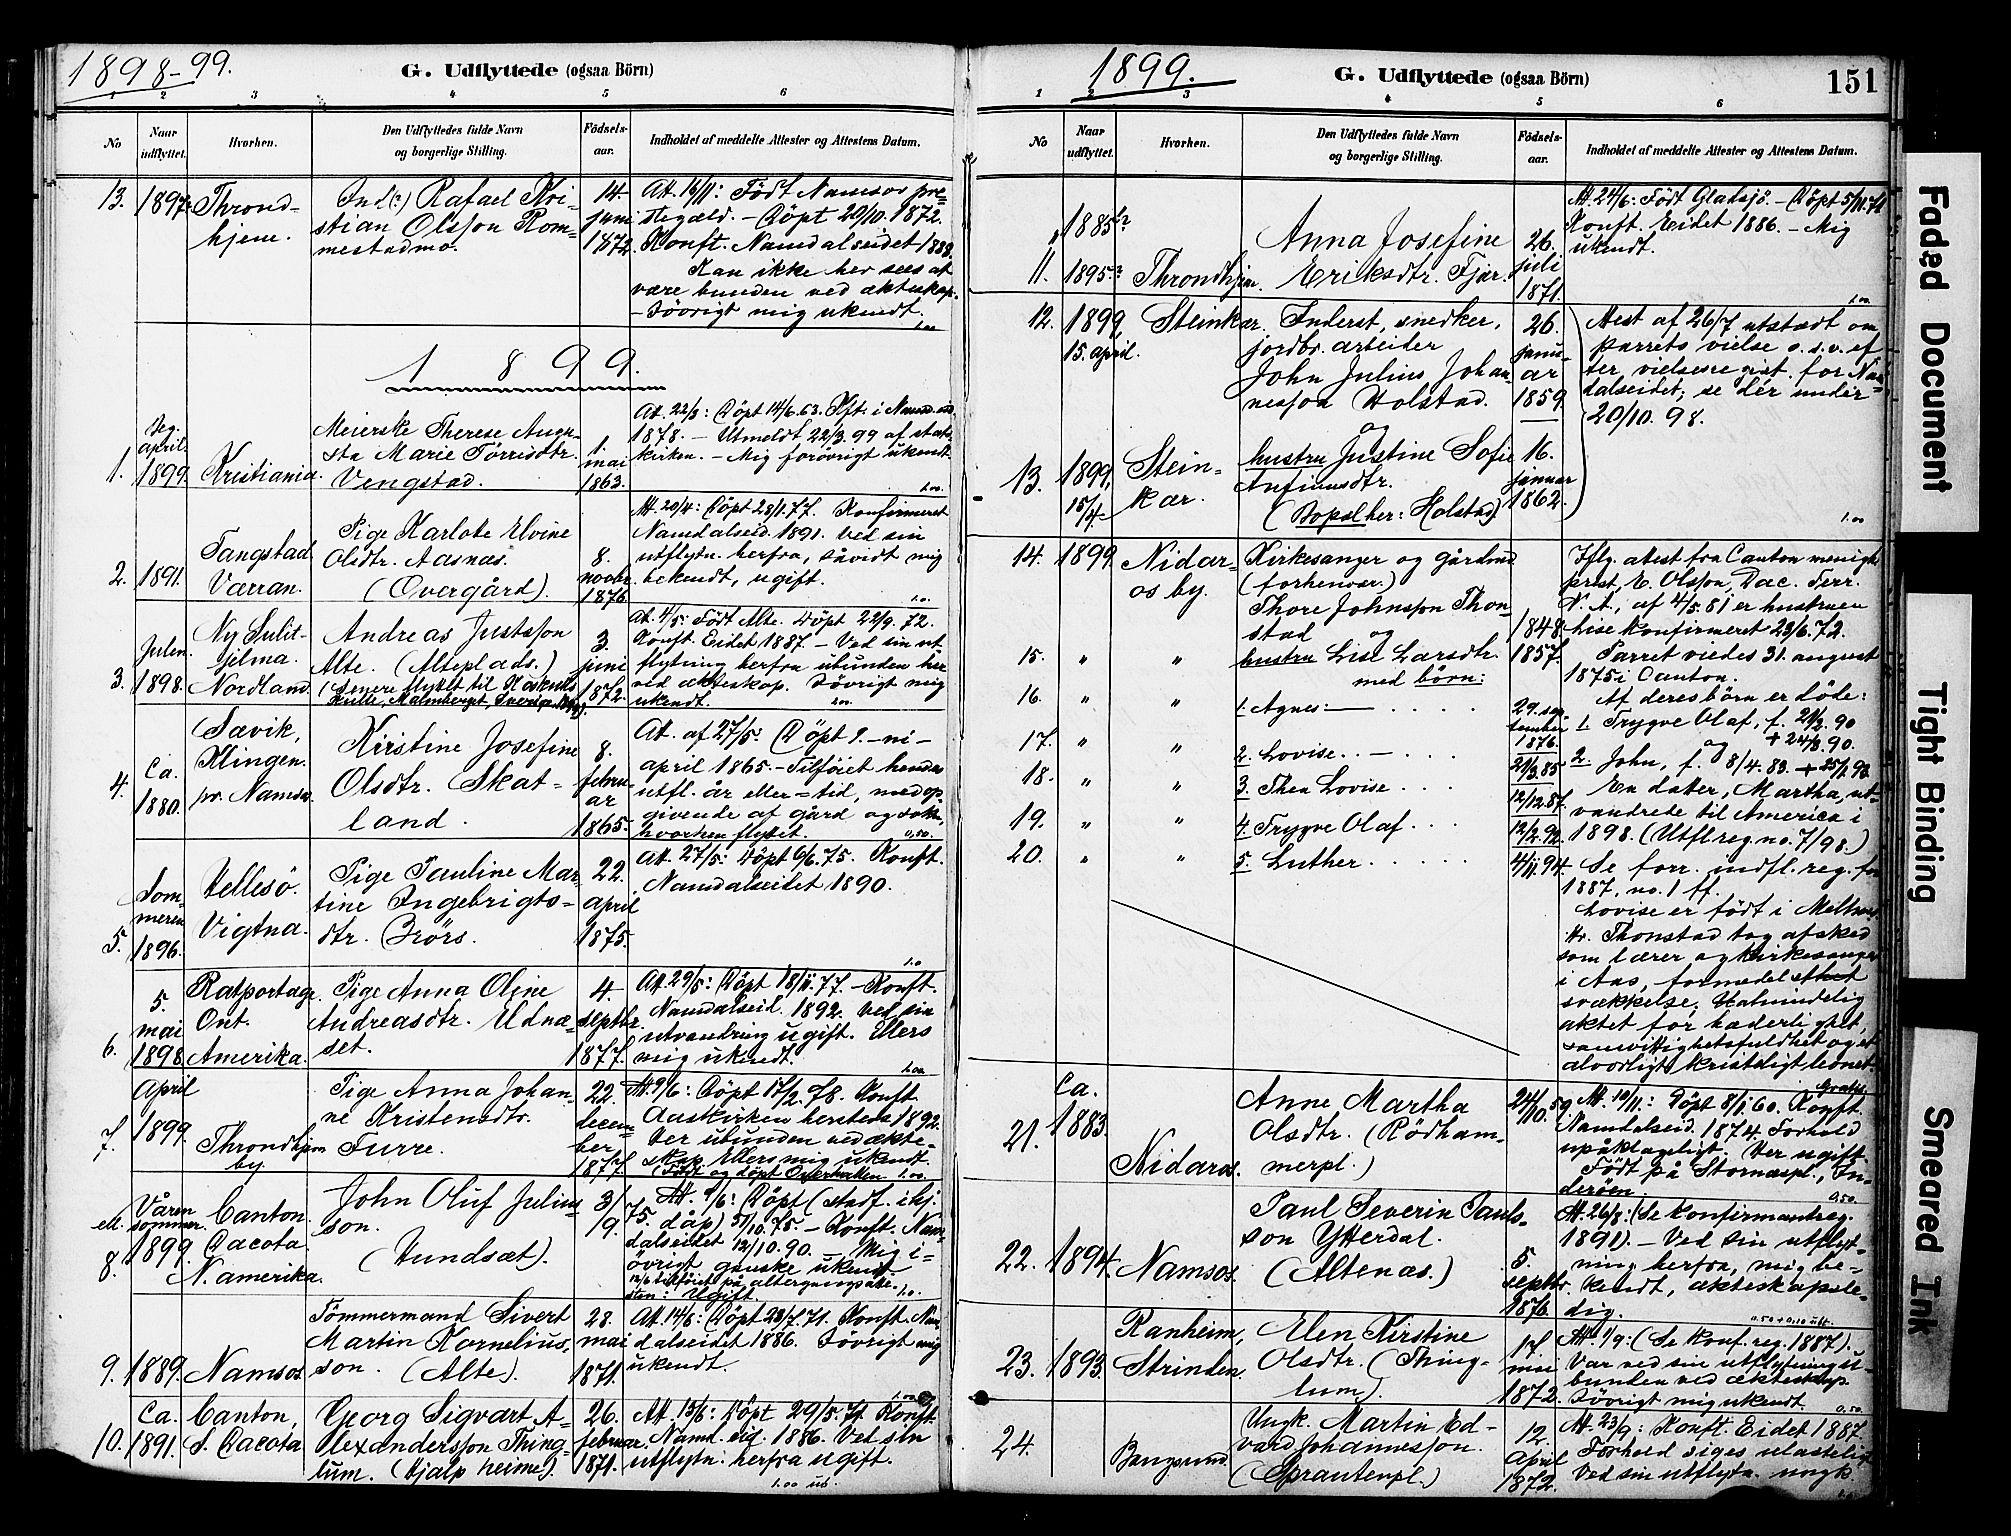 SAT, Ministerialprotokoller, klokkerbøker og fødselsregistre - Nord-Trøndelag, 742/L0409: Ministerialbok nr. 742A02, 1891-1905, s. 151